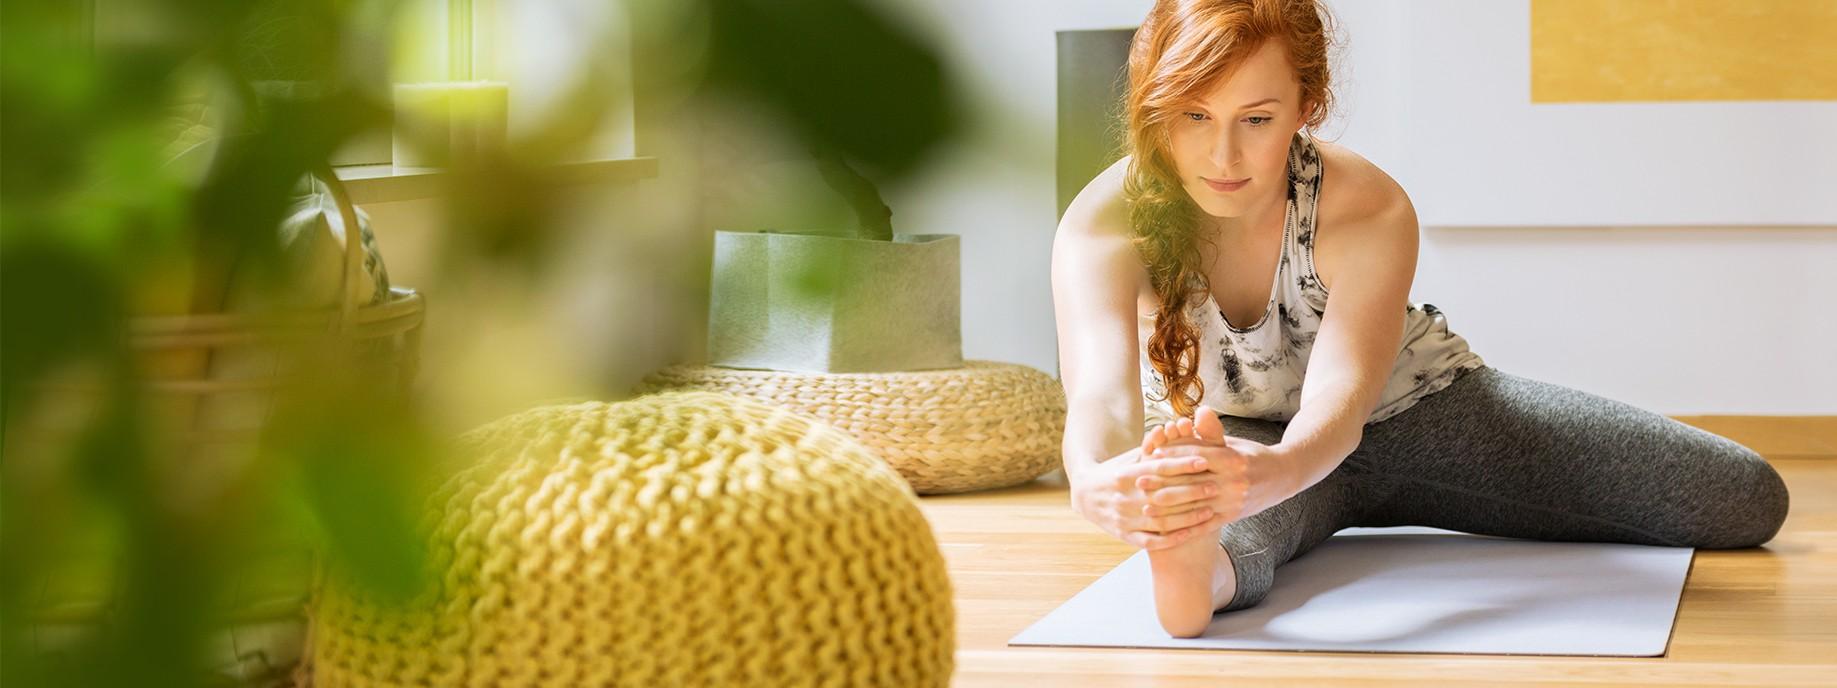 Eine junge Frau mit roten Haaren macht zu hause Dehnübungen